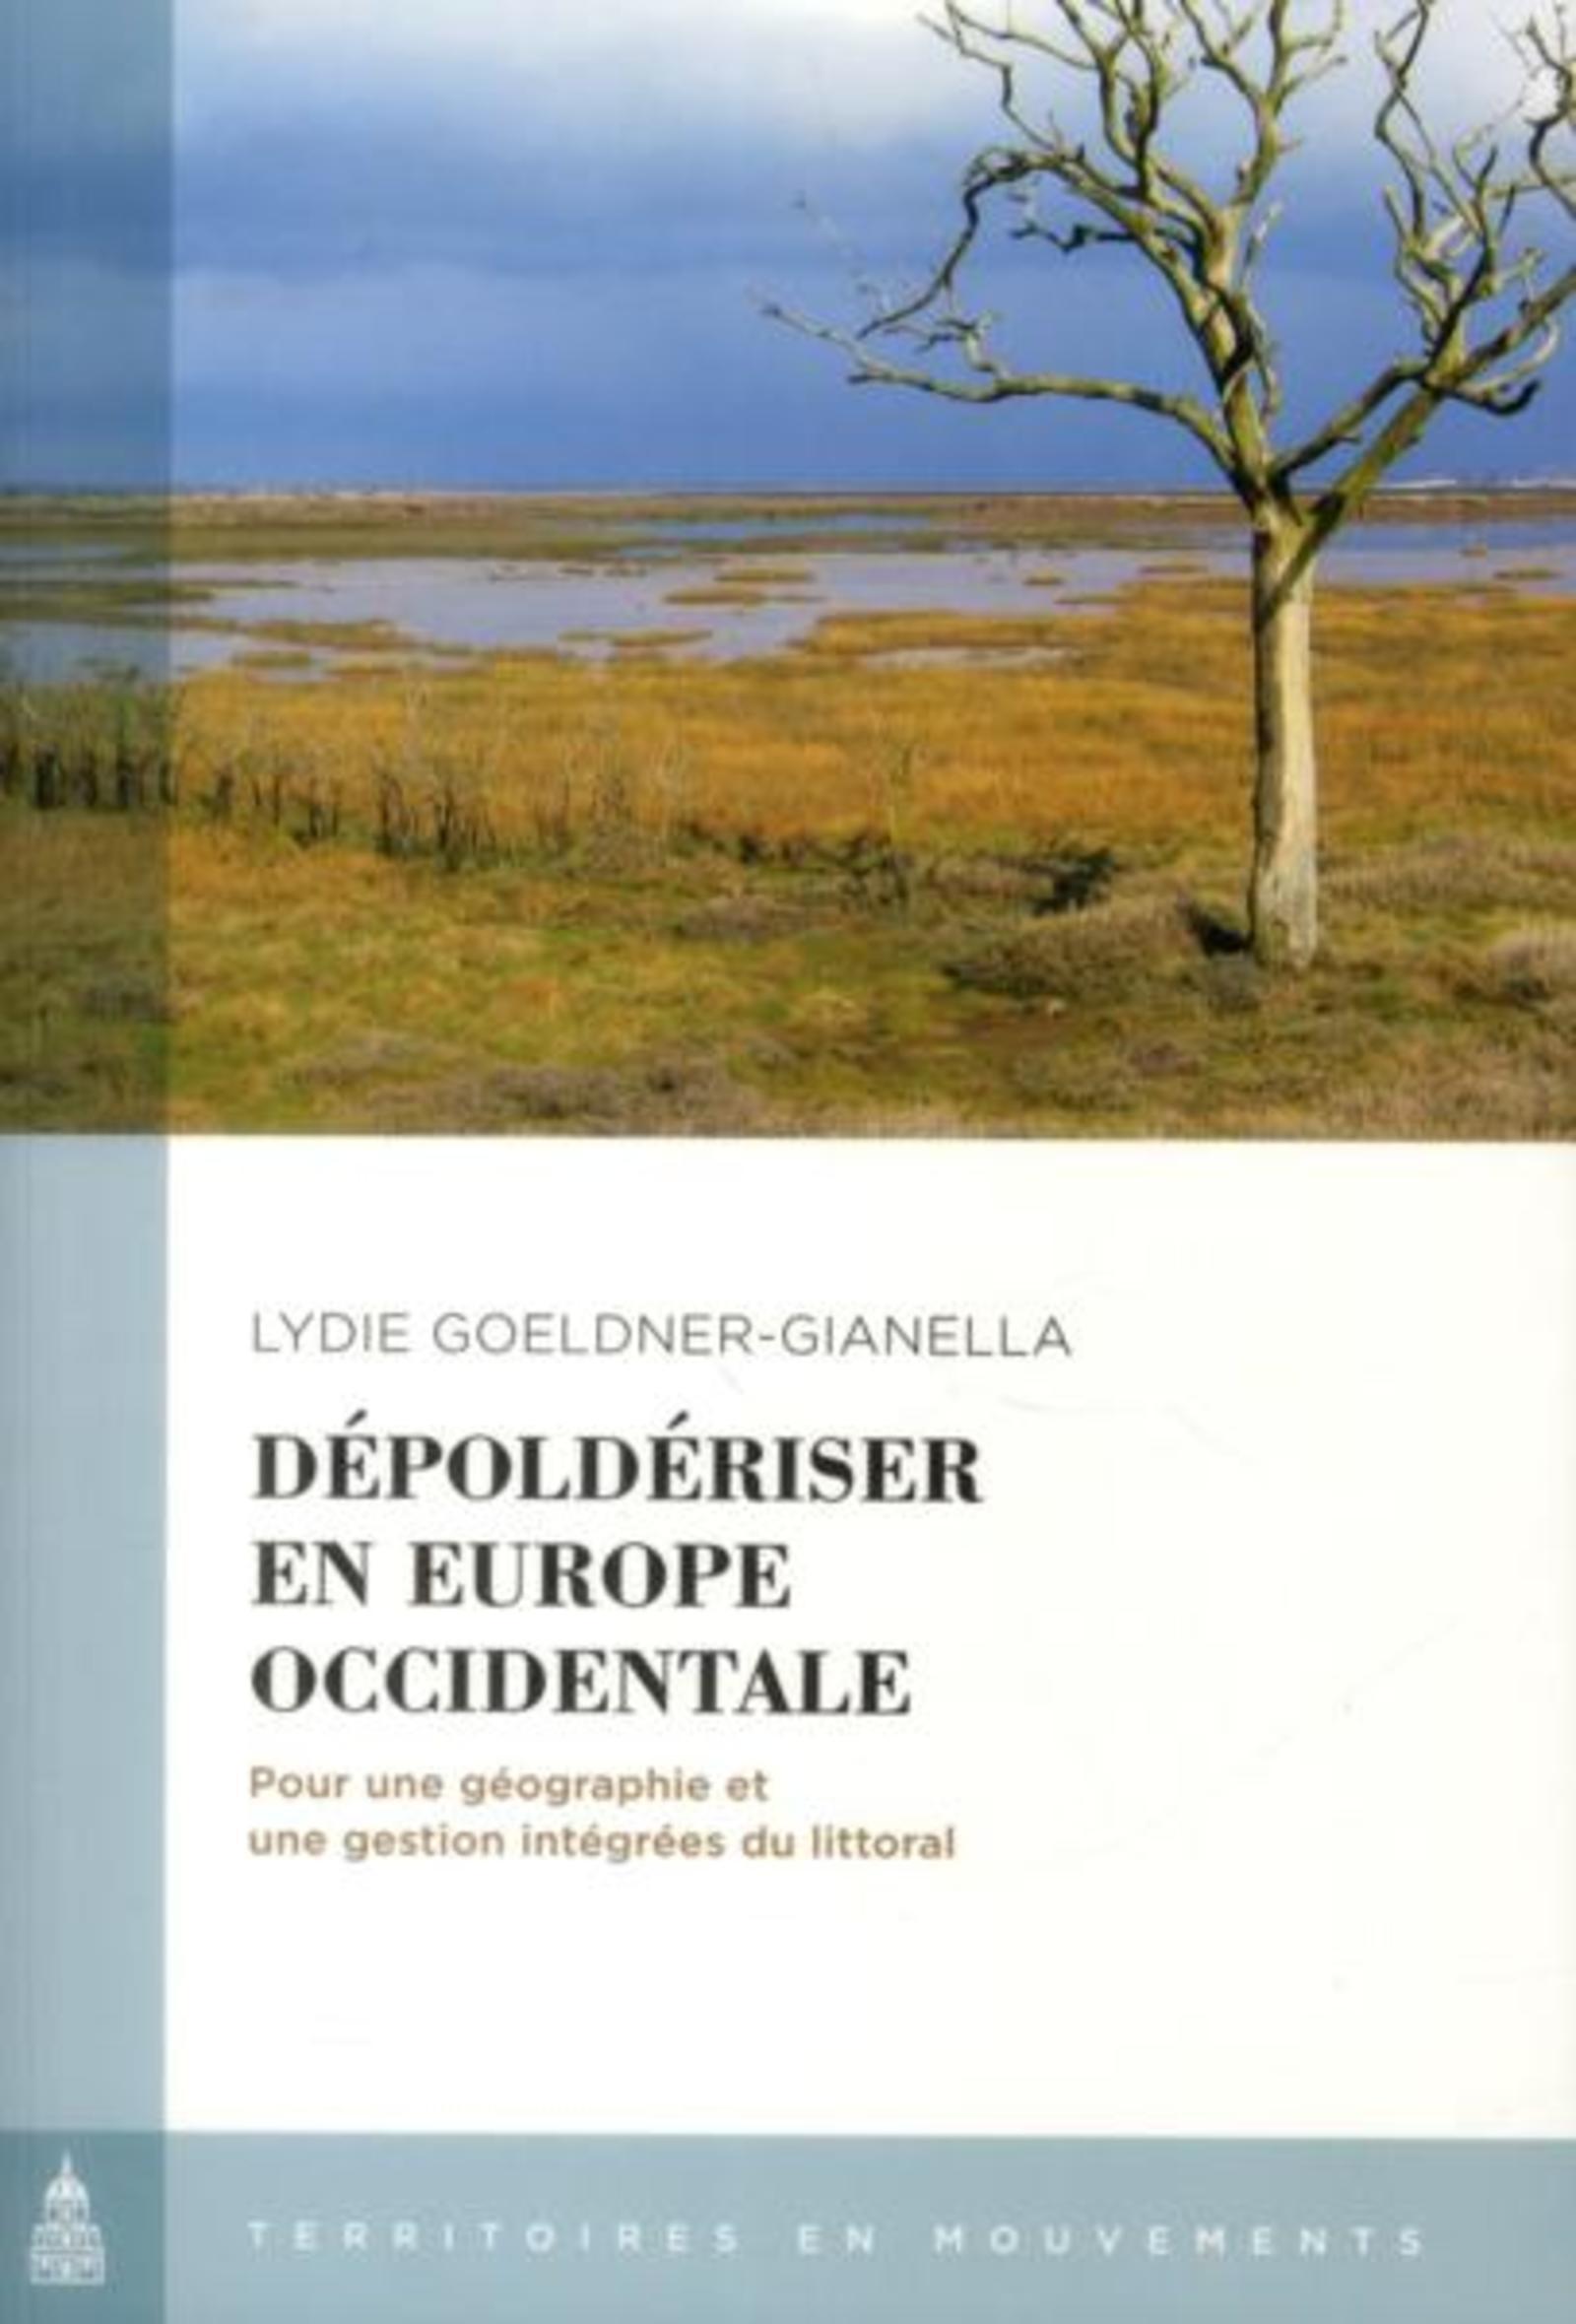 DEPOLDERISER EN EUROPE OCCIDENTALE POUR UNE GEOGRAPHIE ET UNE GESTION INTEGREES DU LITTORAL